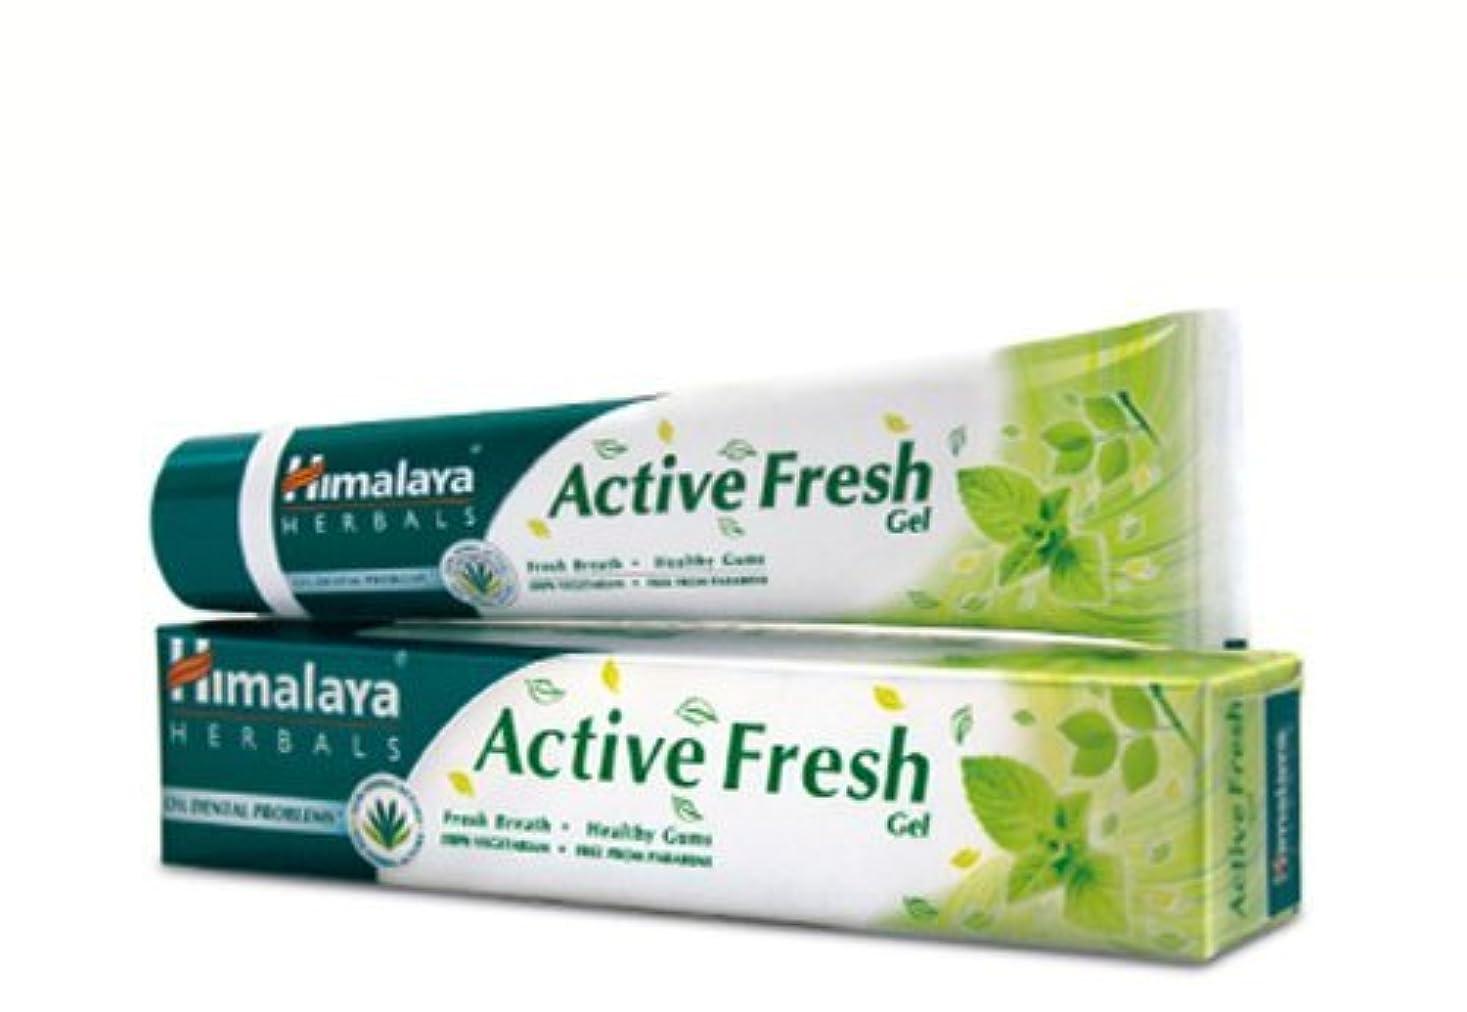 音楽を聴く成り立つ攻撃的ヒマラヤ トゥースペイスト アクティブ フレッシュ(歯磨き粉)80g Himalaya Active Fresh Toothpaste